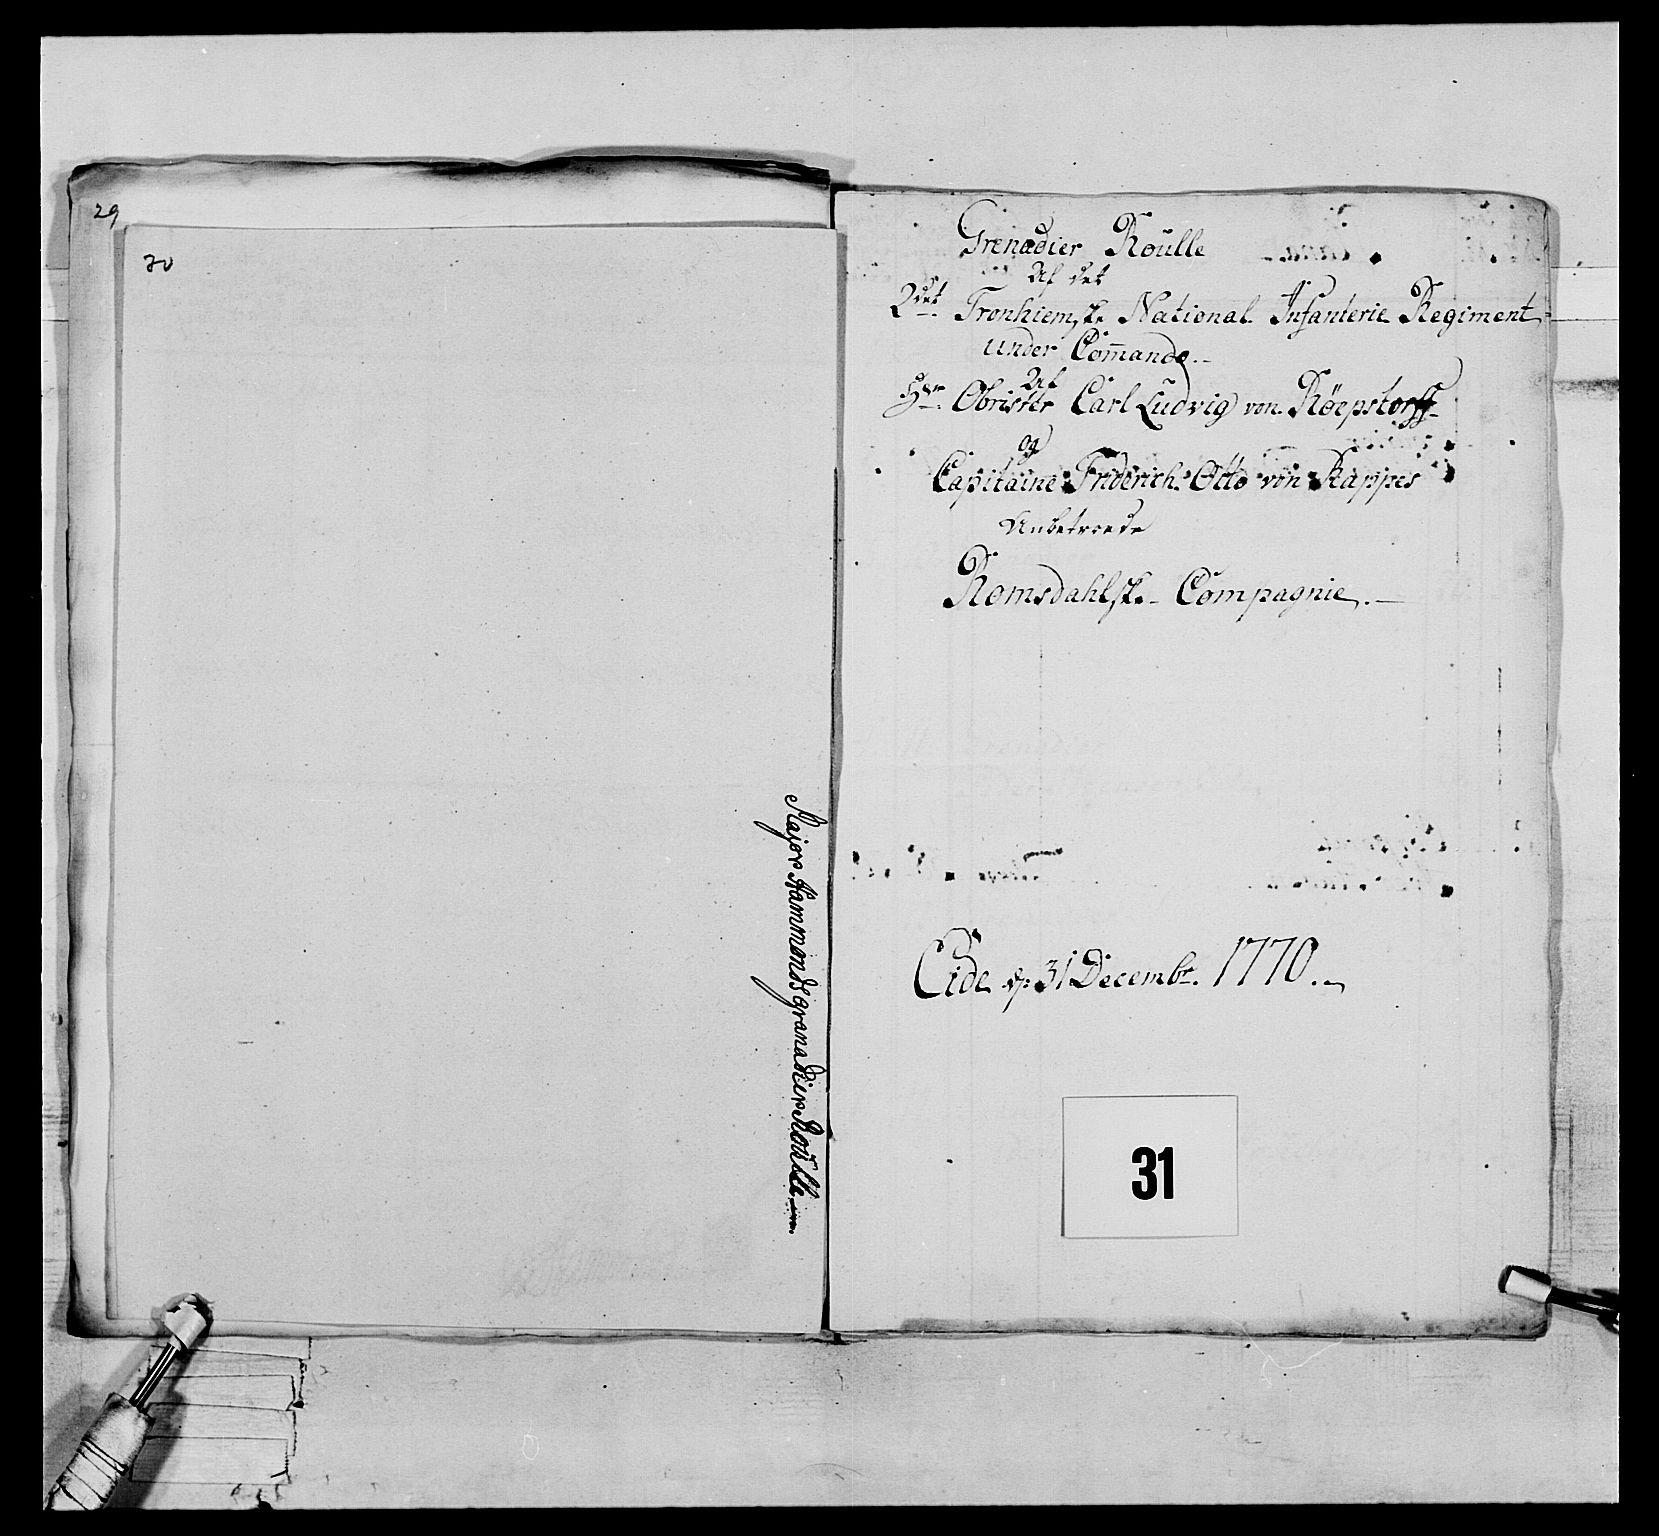 RA, Generalitets- og kommissariatskollegiet, Det kongelige norske kommissariatskollegium, E/Eh/L0076: 2. Trondheimske nasjonale infanteriregiment, 1766-1773, s. 88